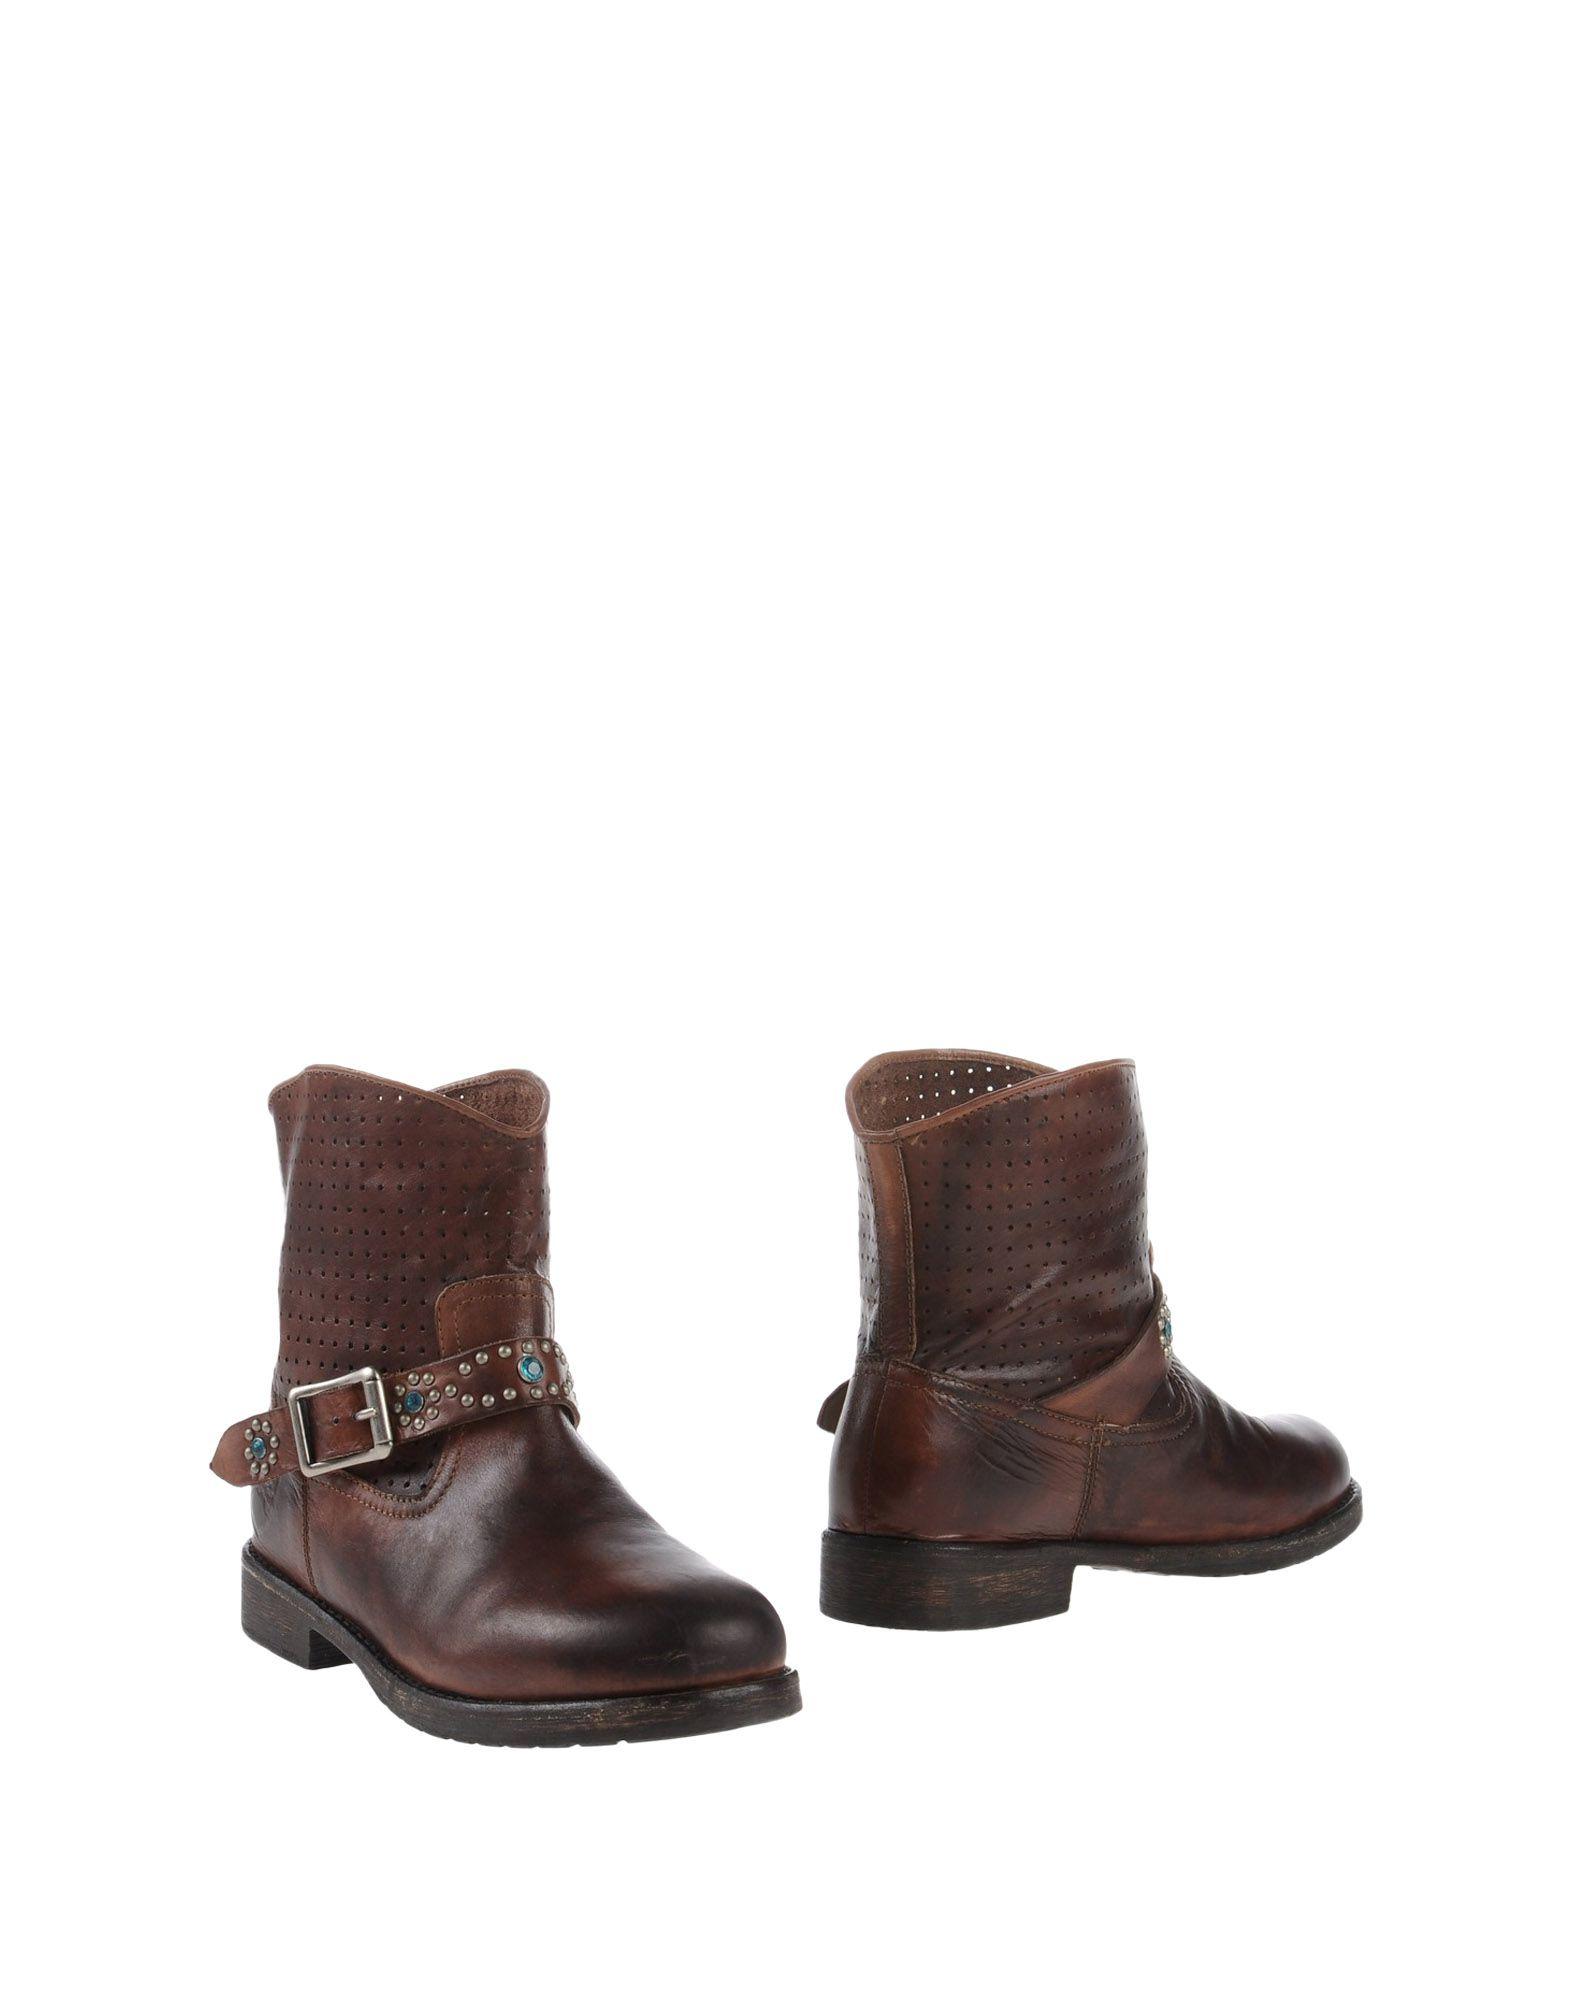 Stilvolle billige Schuhe Mr. Wolf Stiefelette Damen  11102025QD